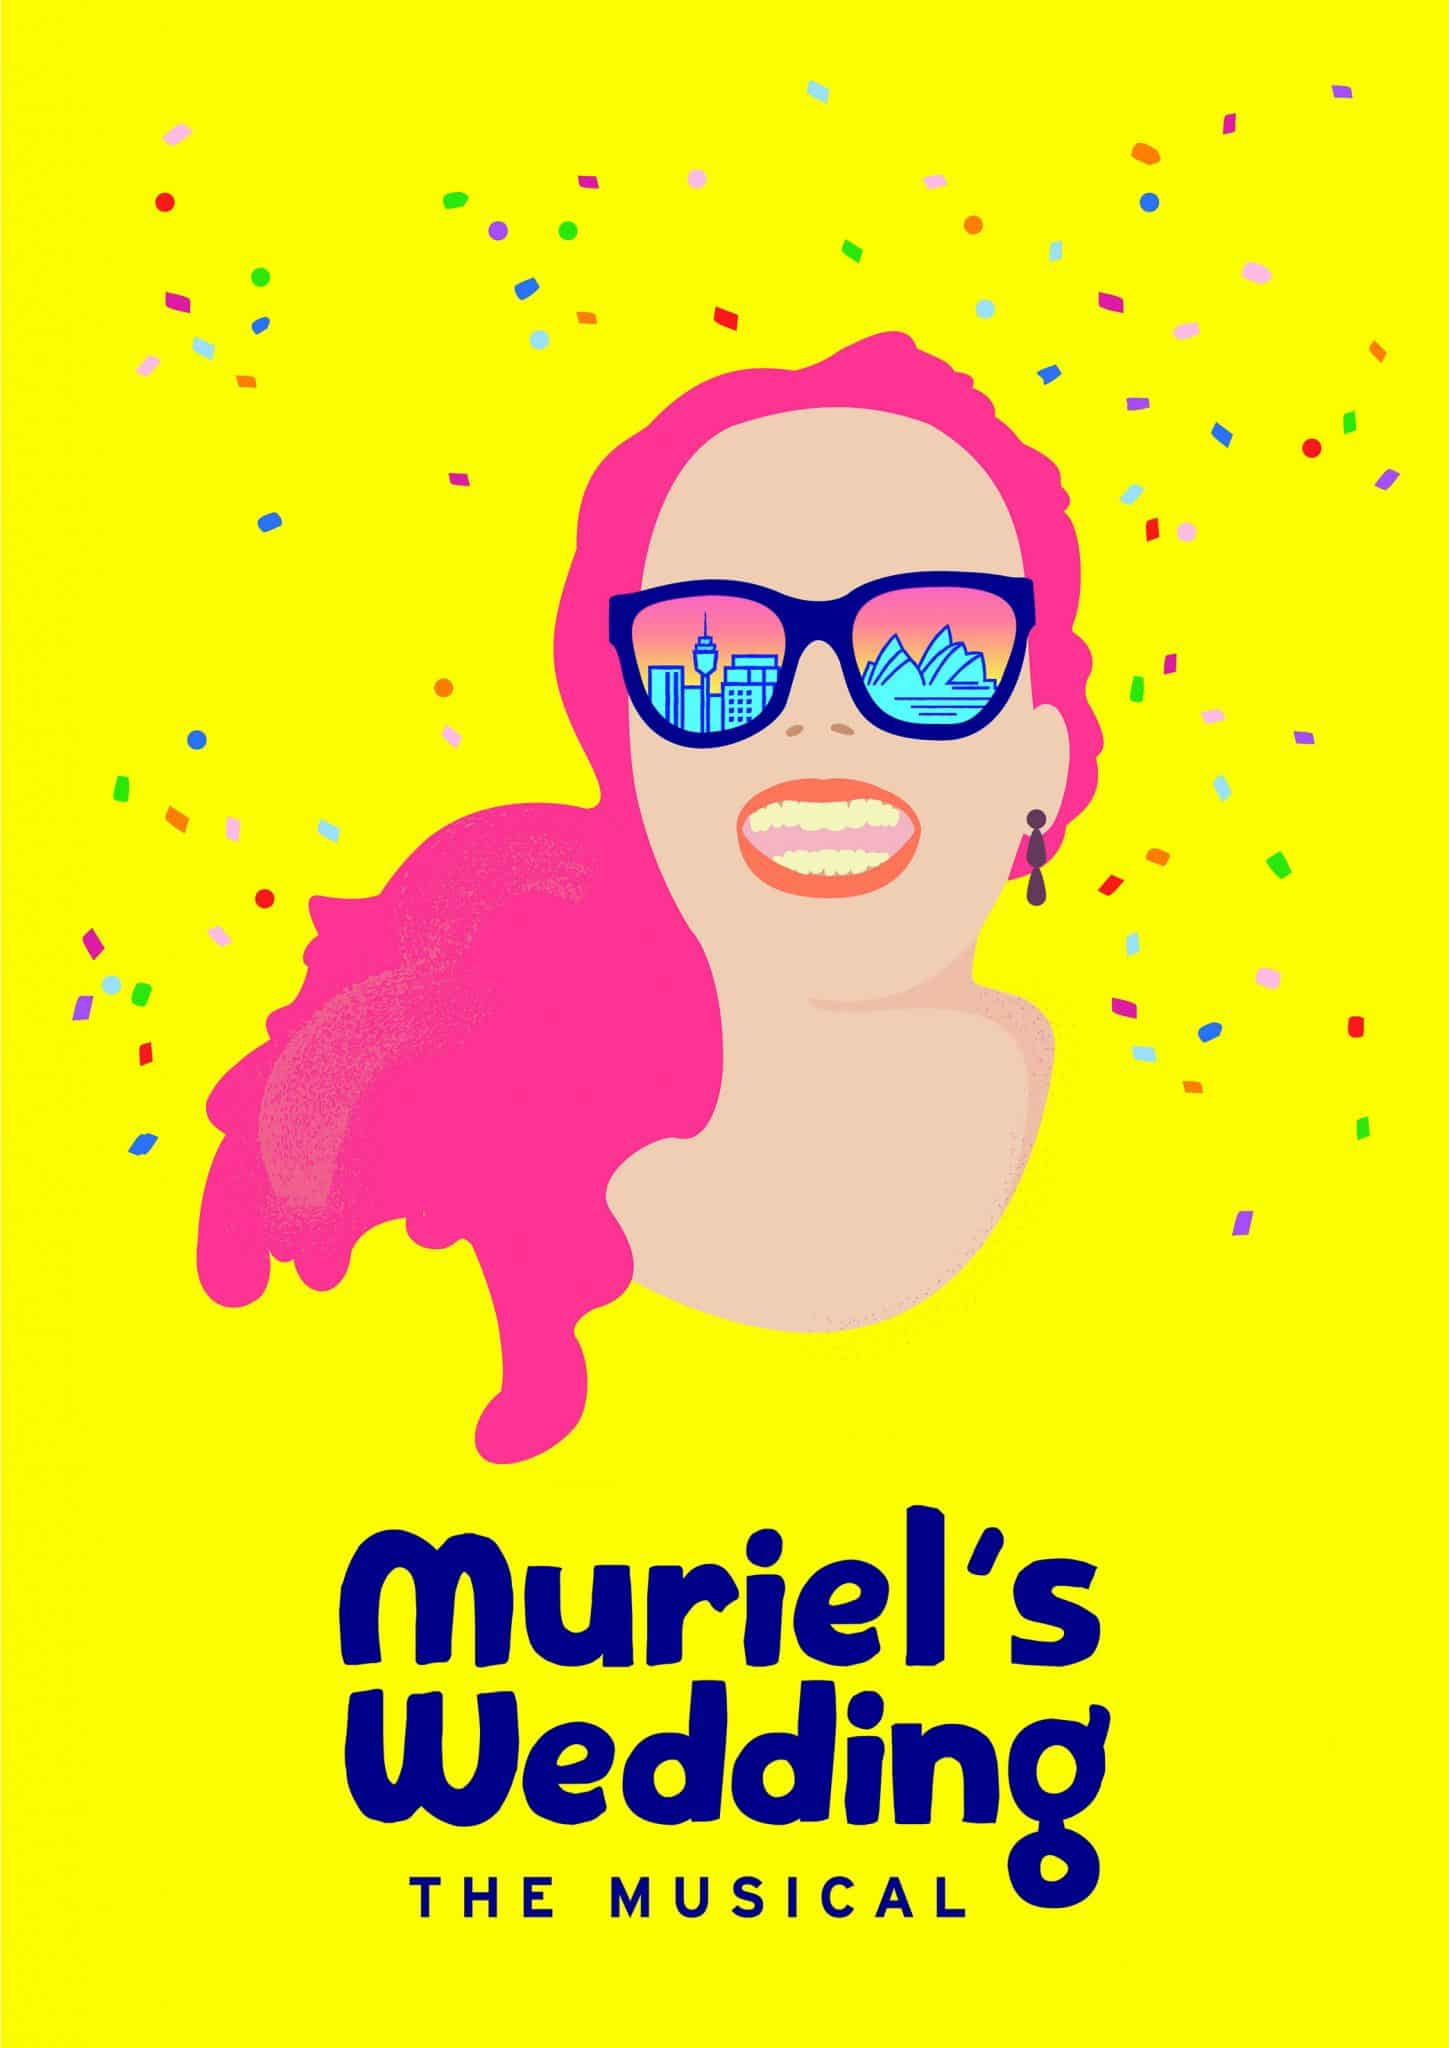 Muriels Wedding  Australian Cinema Movies Posters Vintage  Films